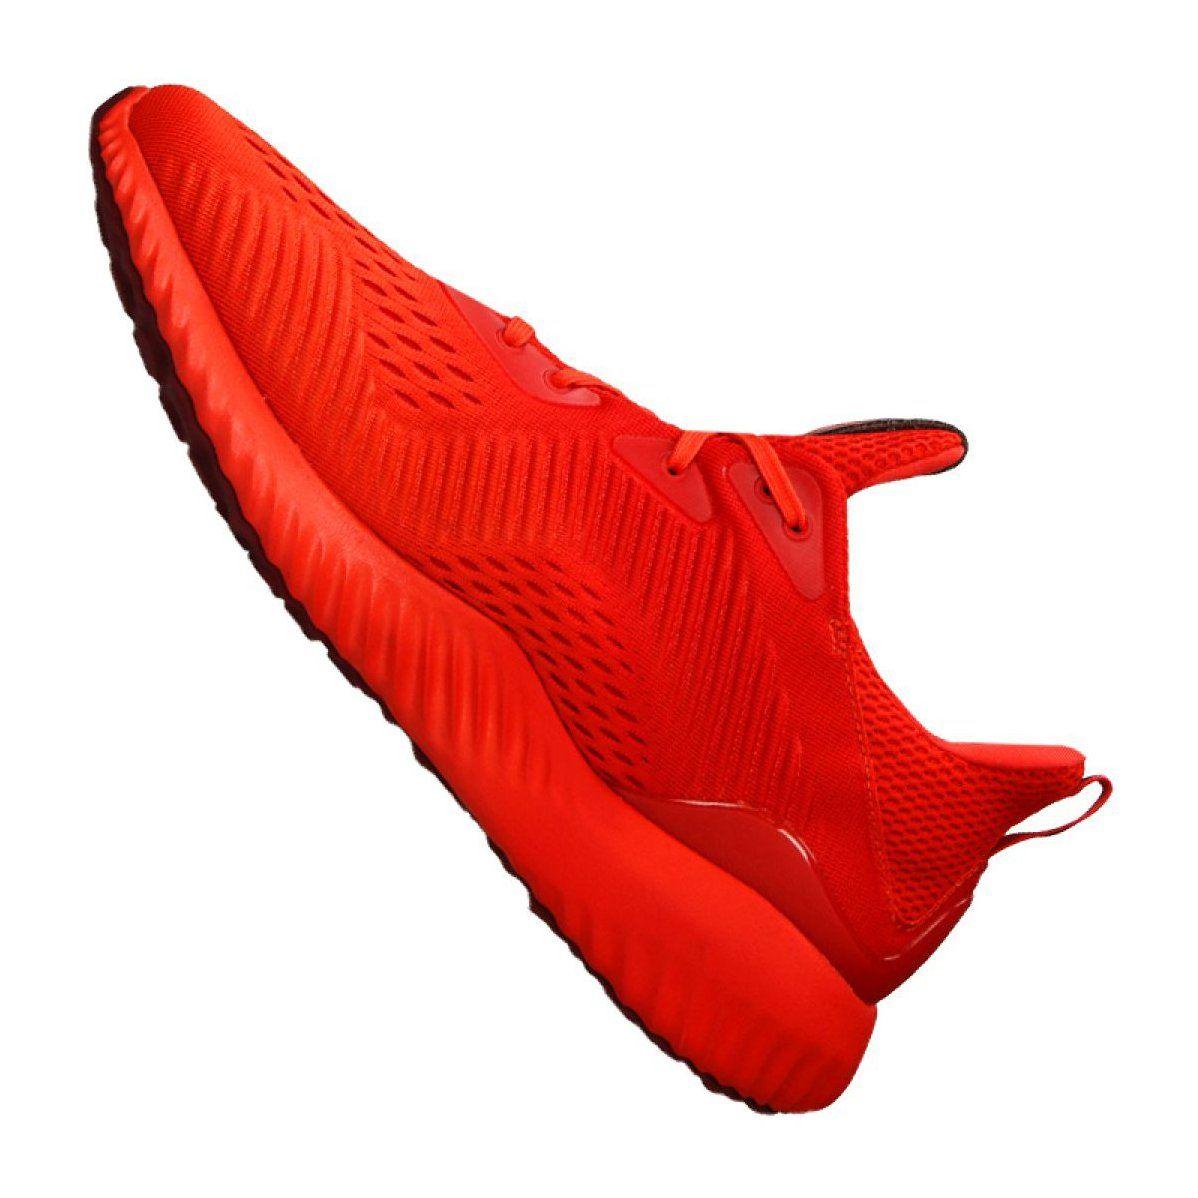 Buty Adidas Alphabounce Em M Bw1202 Czerwone Buty Adidas Buty